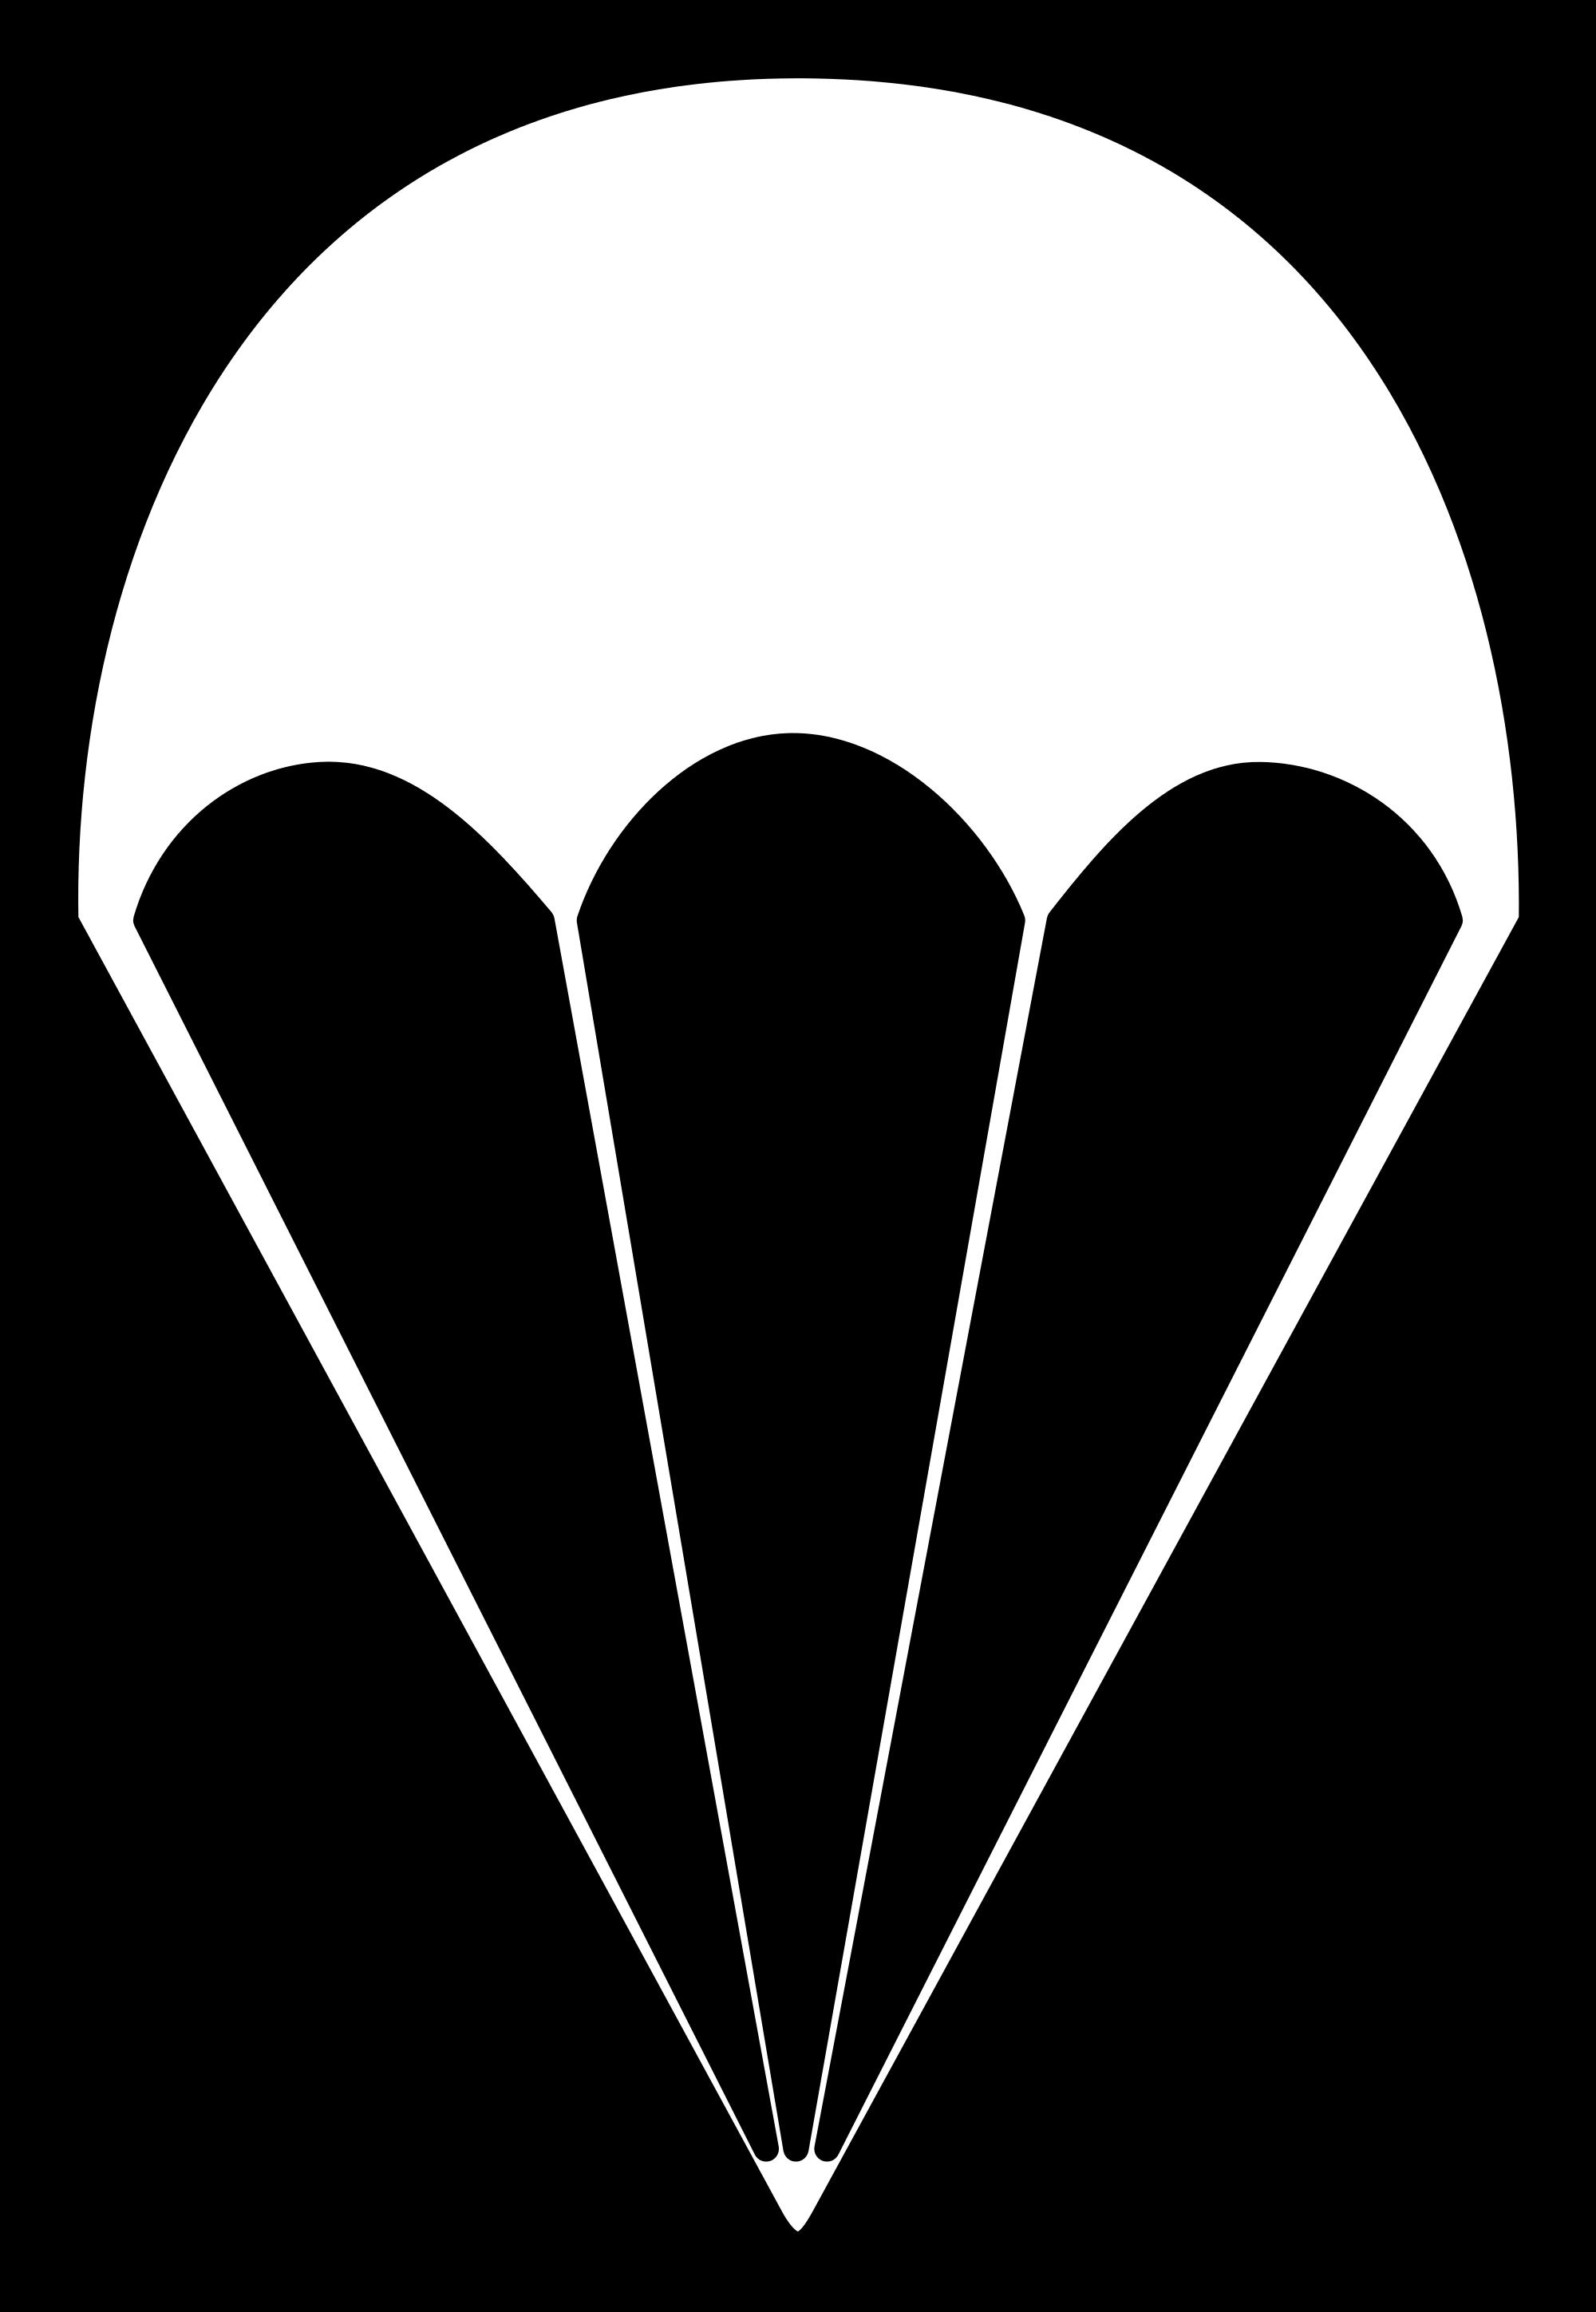 parachute clipart vector parachute vector transparent